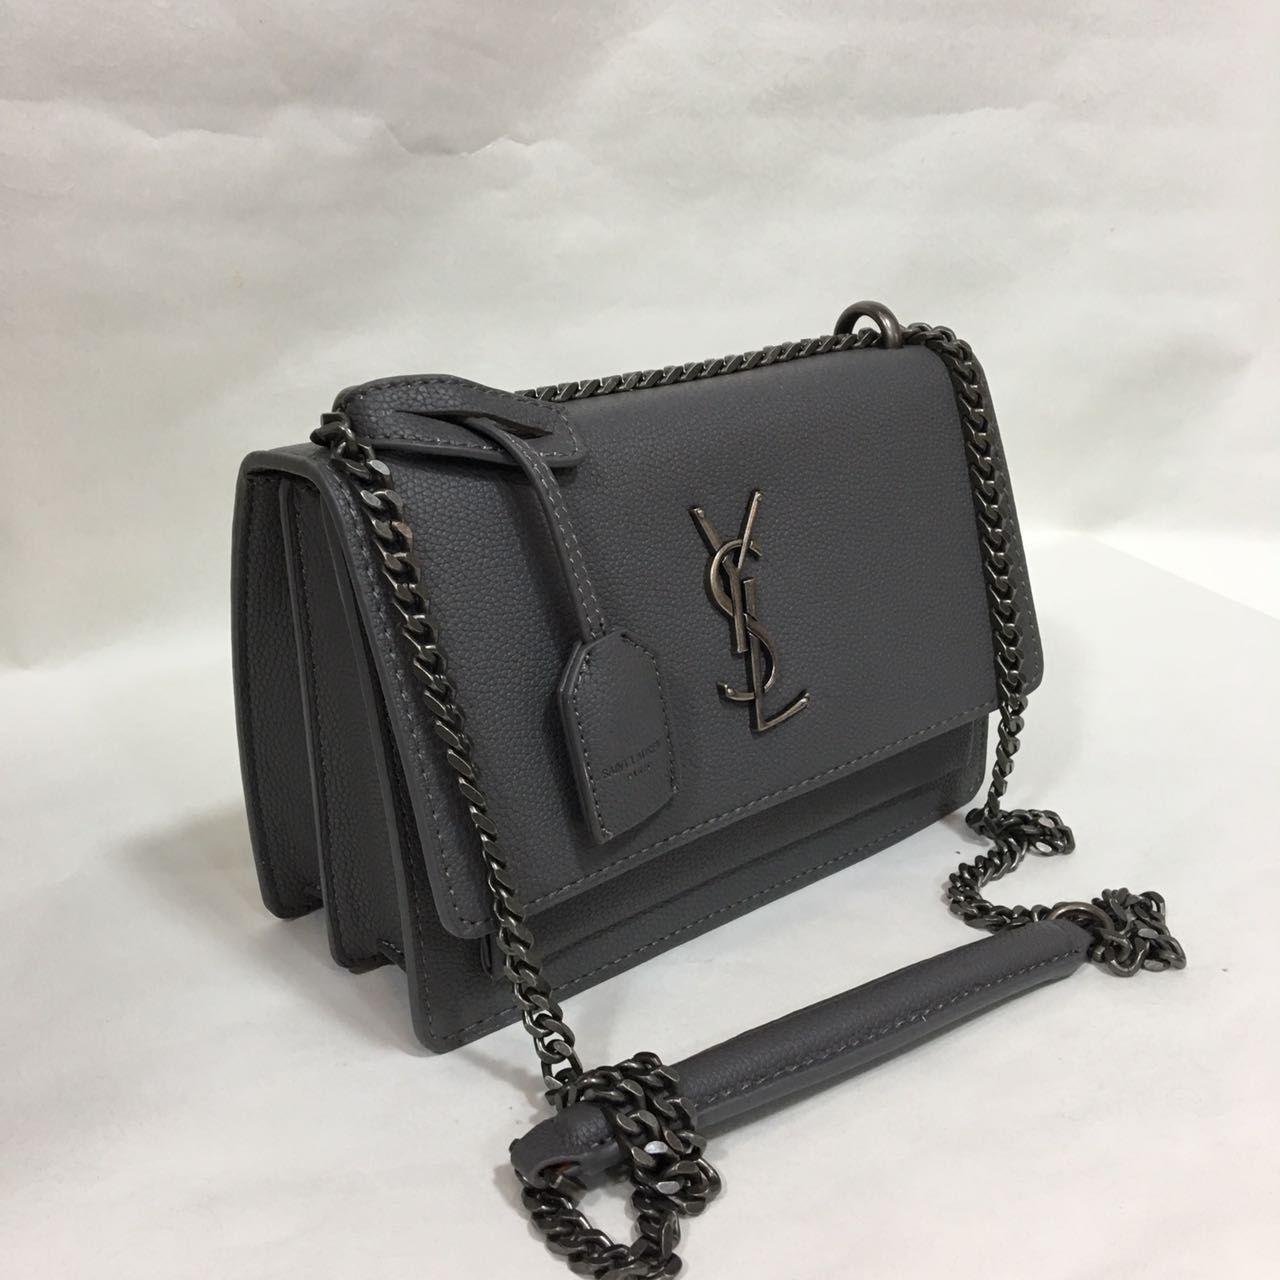 8d20f729f5e97 Du liebst stylische und elegante Handtaschen  nybb.de - Der Nr. 1  Online-Shop für Damen Accessoires! Bei uns gibt es preiswerte und elegante  Accessoires.